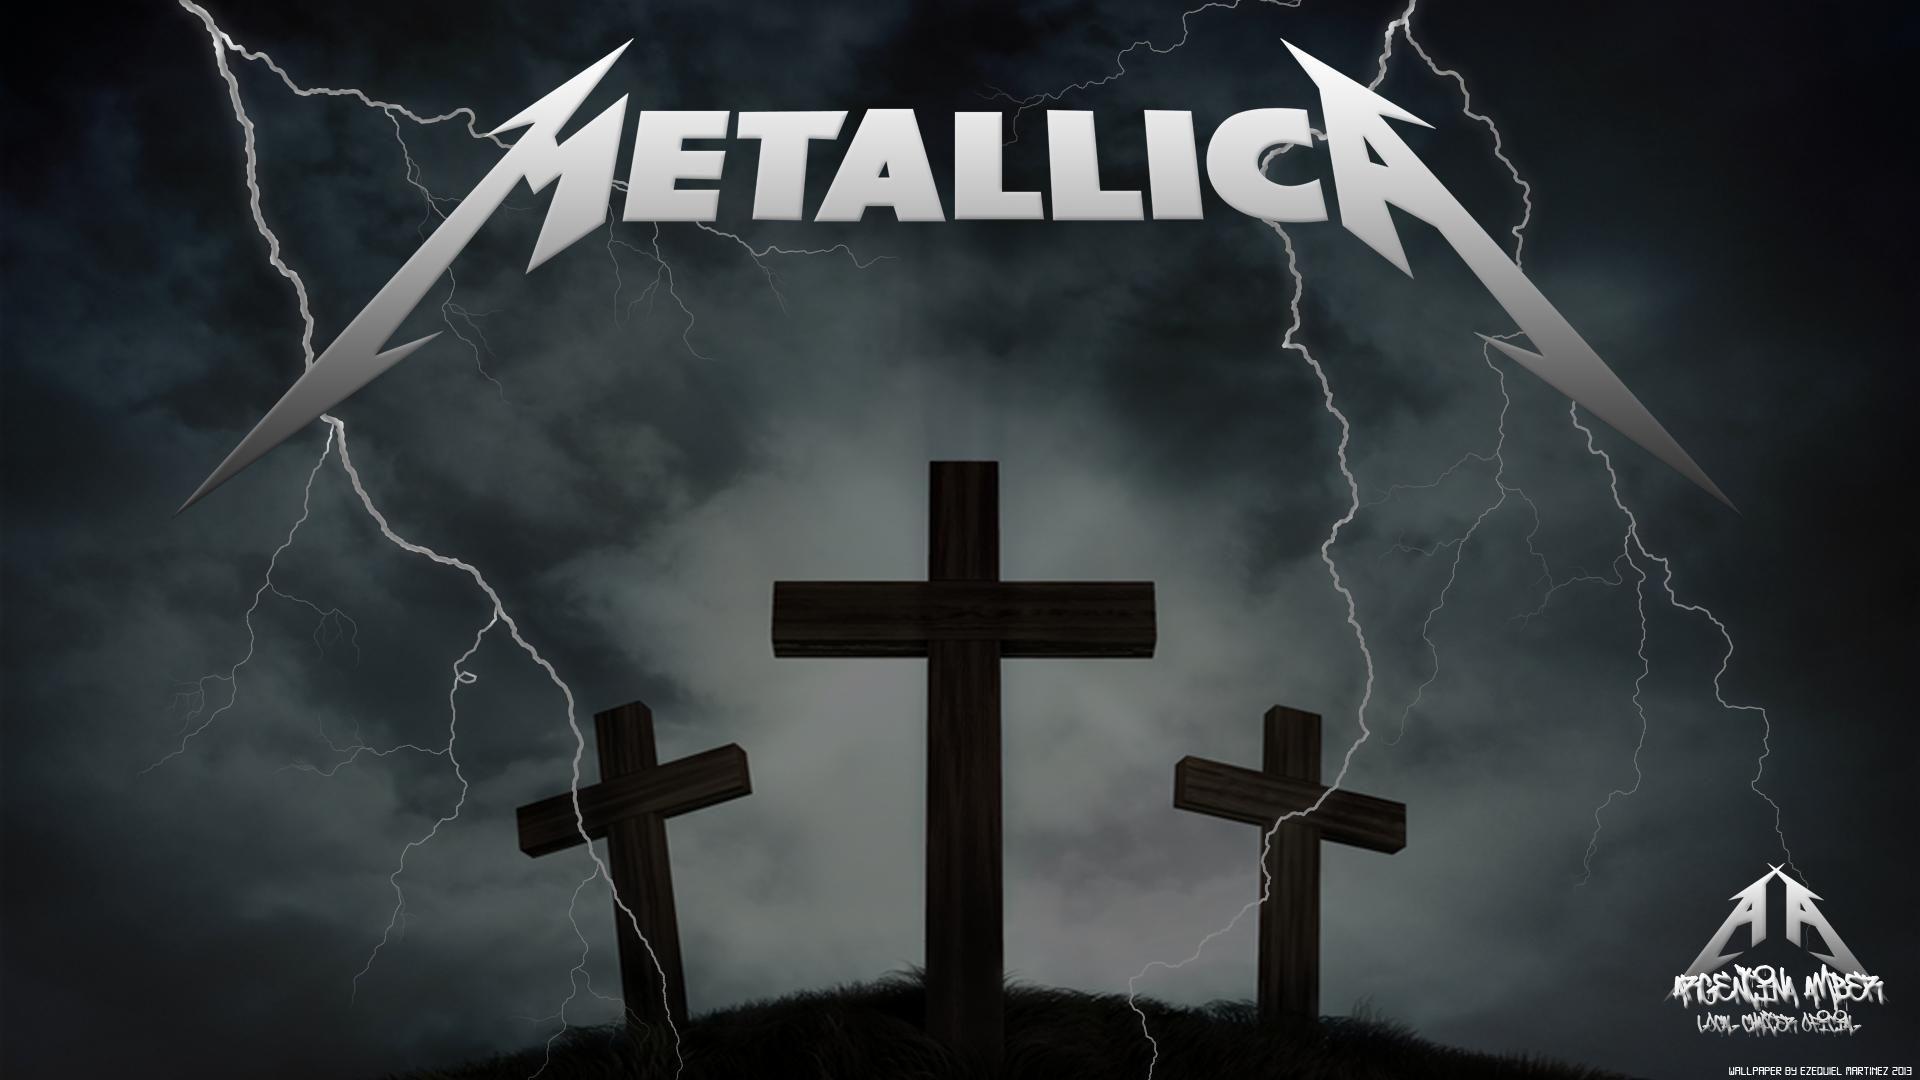 Metallica Wallpapers Desktop Background Backgrounds Desktop Desktop Wallpaper Wallpaper